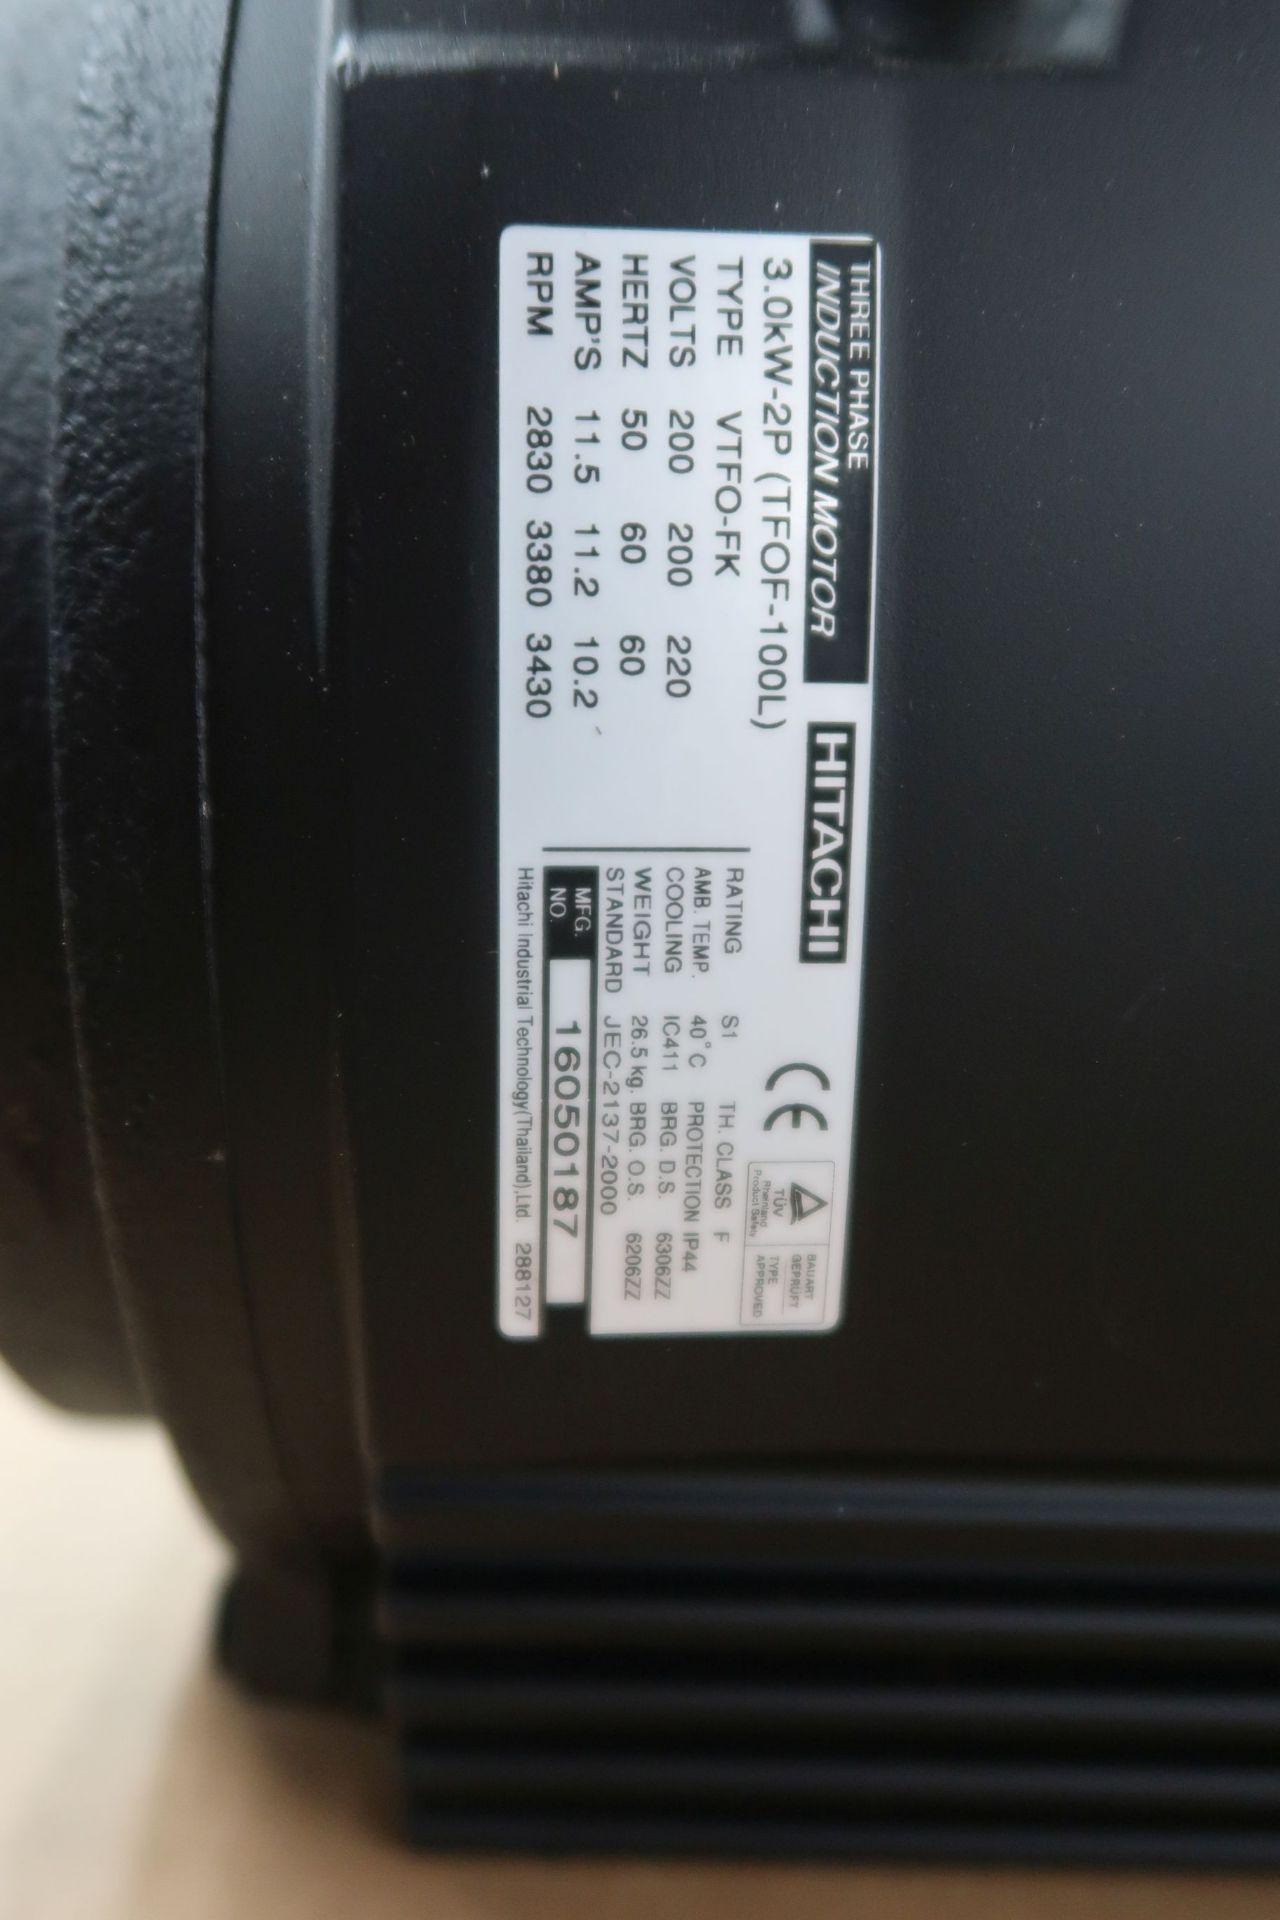 HITACHI TYPE VTFO-FK THREE-PHASE INDUCTION MOTOR; 2830 RPM (NEW) - Image 2 of 2